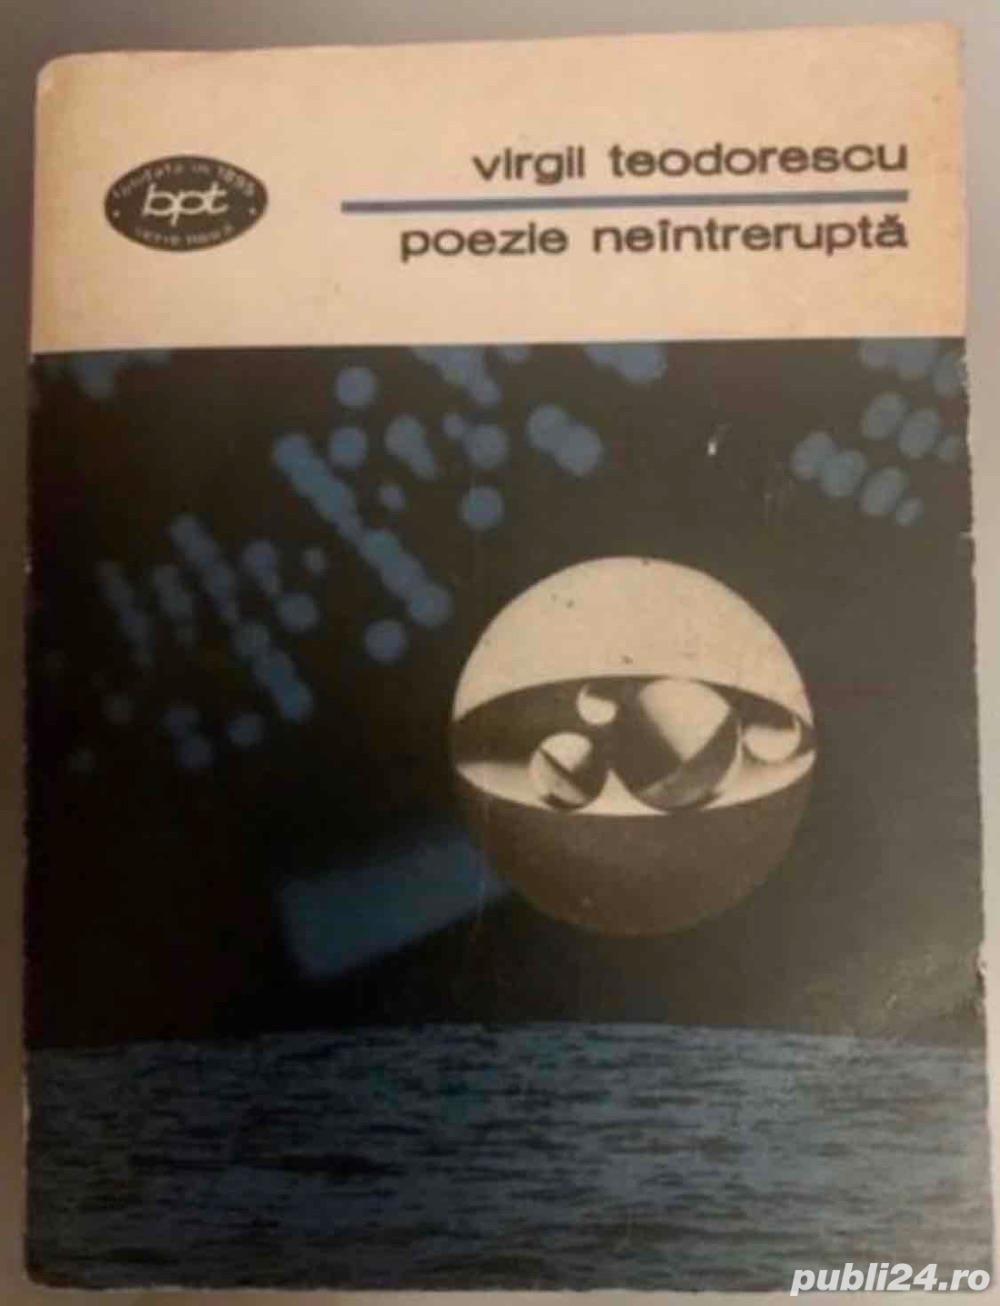 Poezie neintrerupta, de Virgil Teodorescu